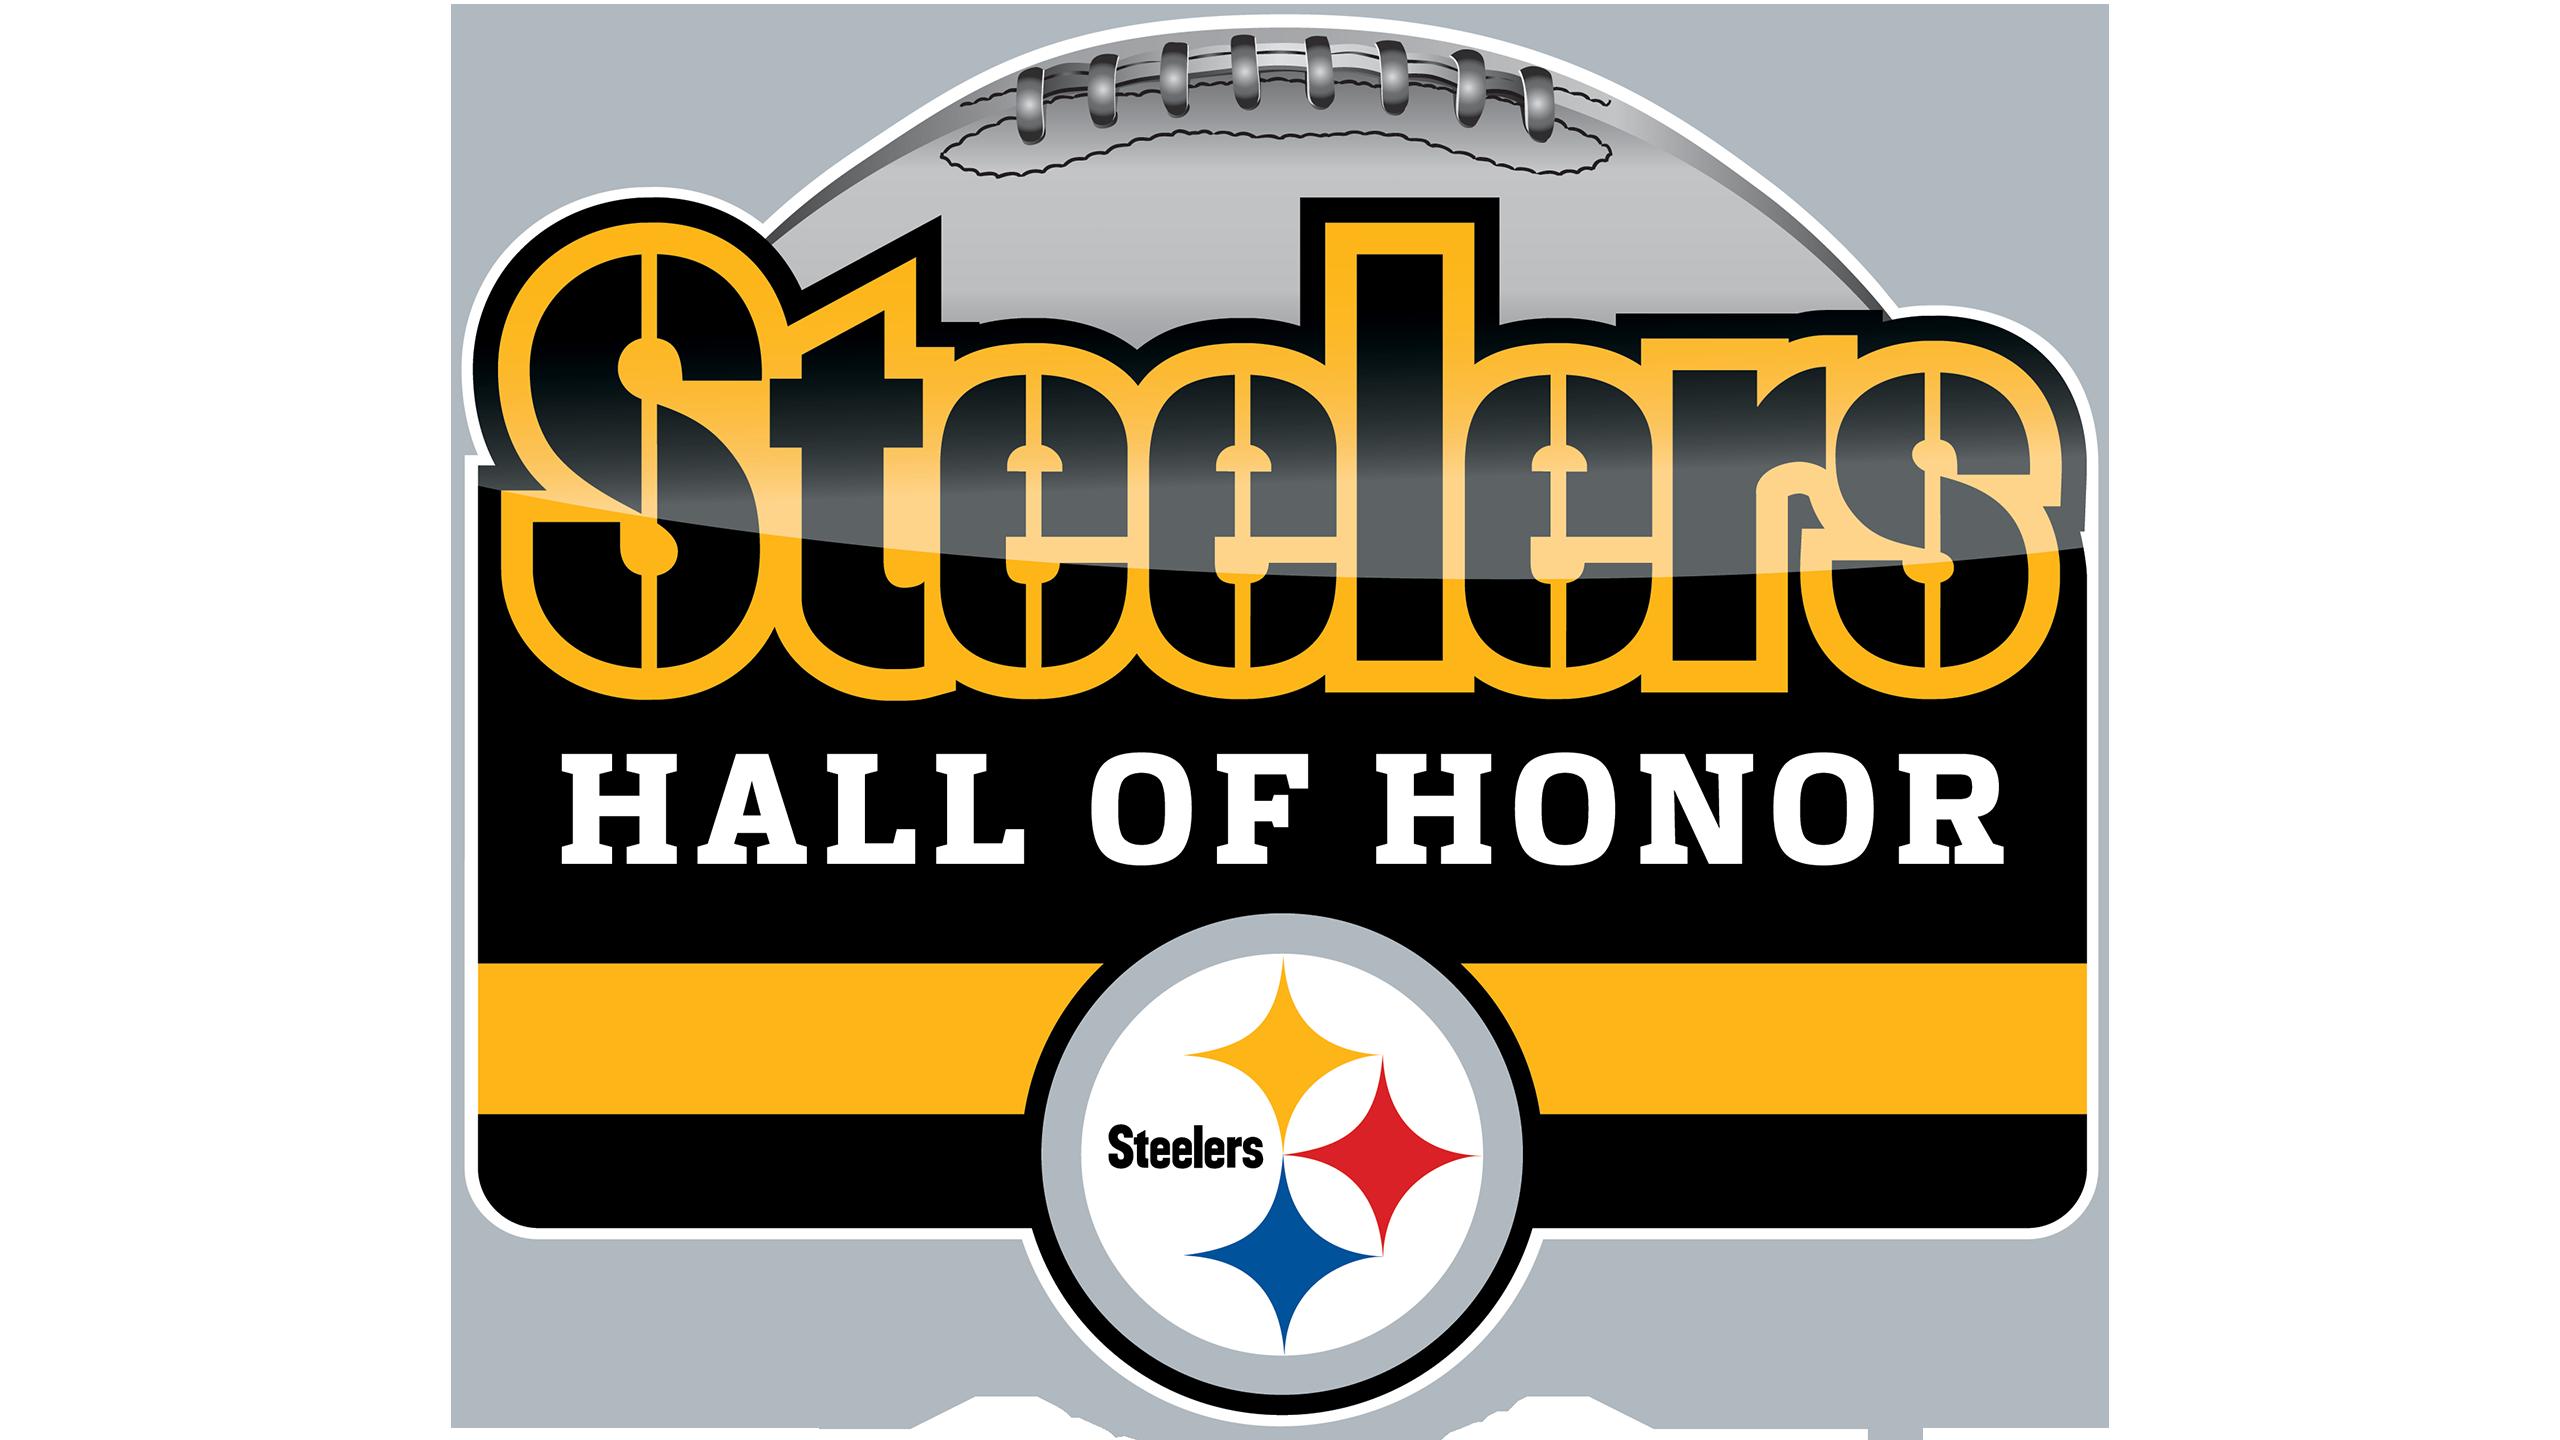 HoH_Hall_of_Honor_No_Sponsor_logo_2560x1400